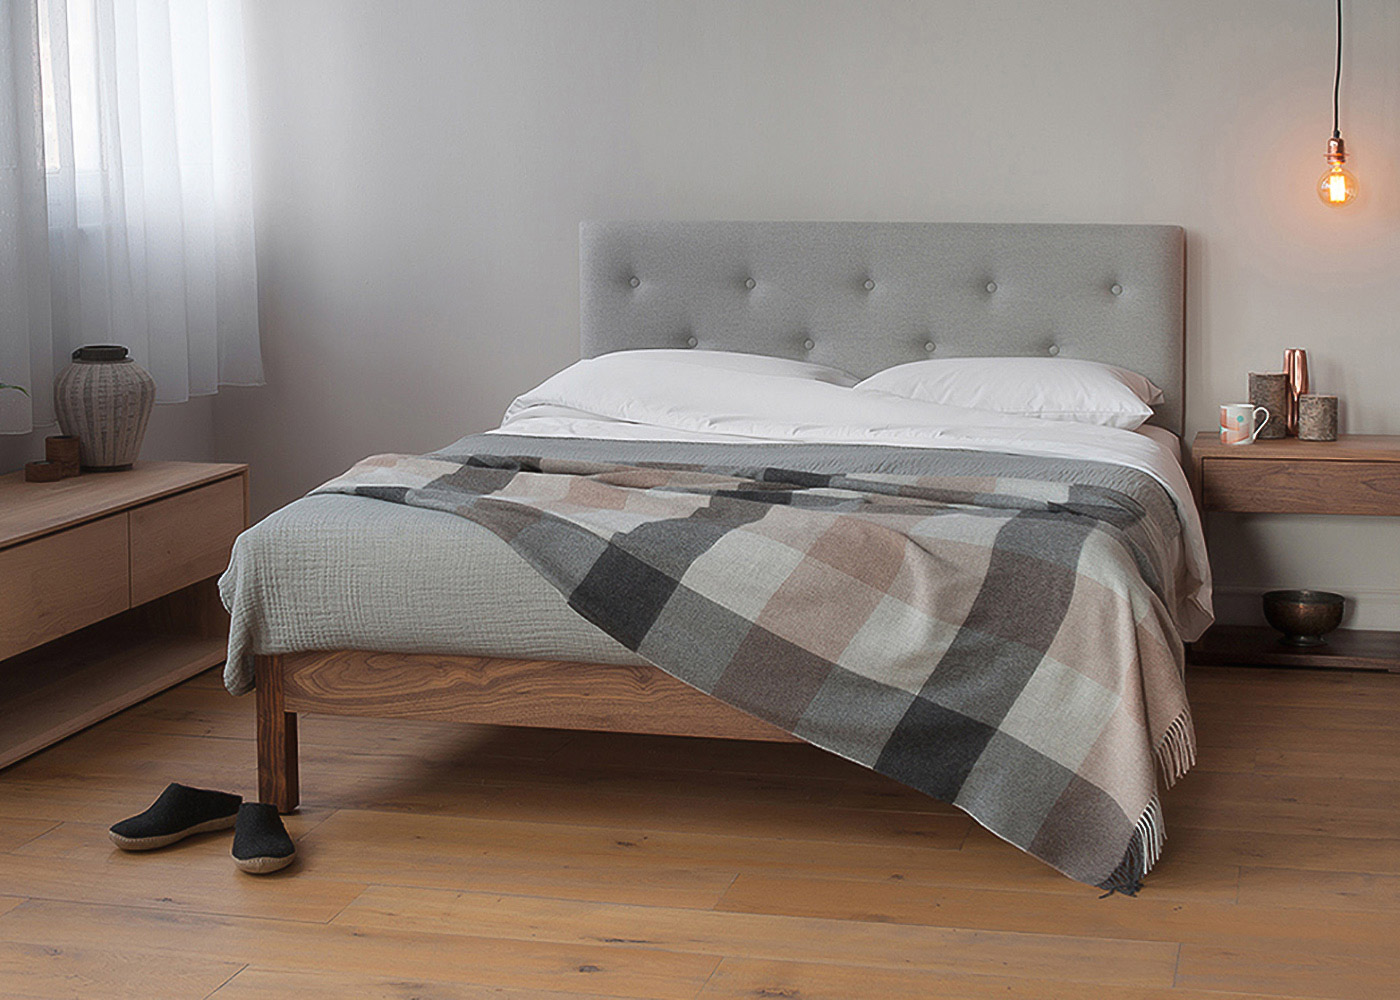 Arran contemporary upholstered headboard bed - Scandinavian Inspired bedroom